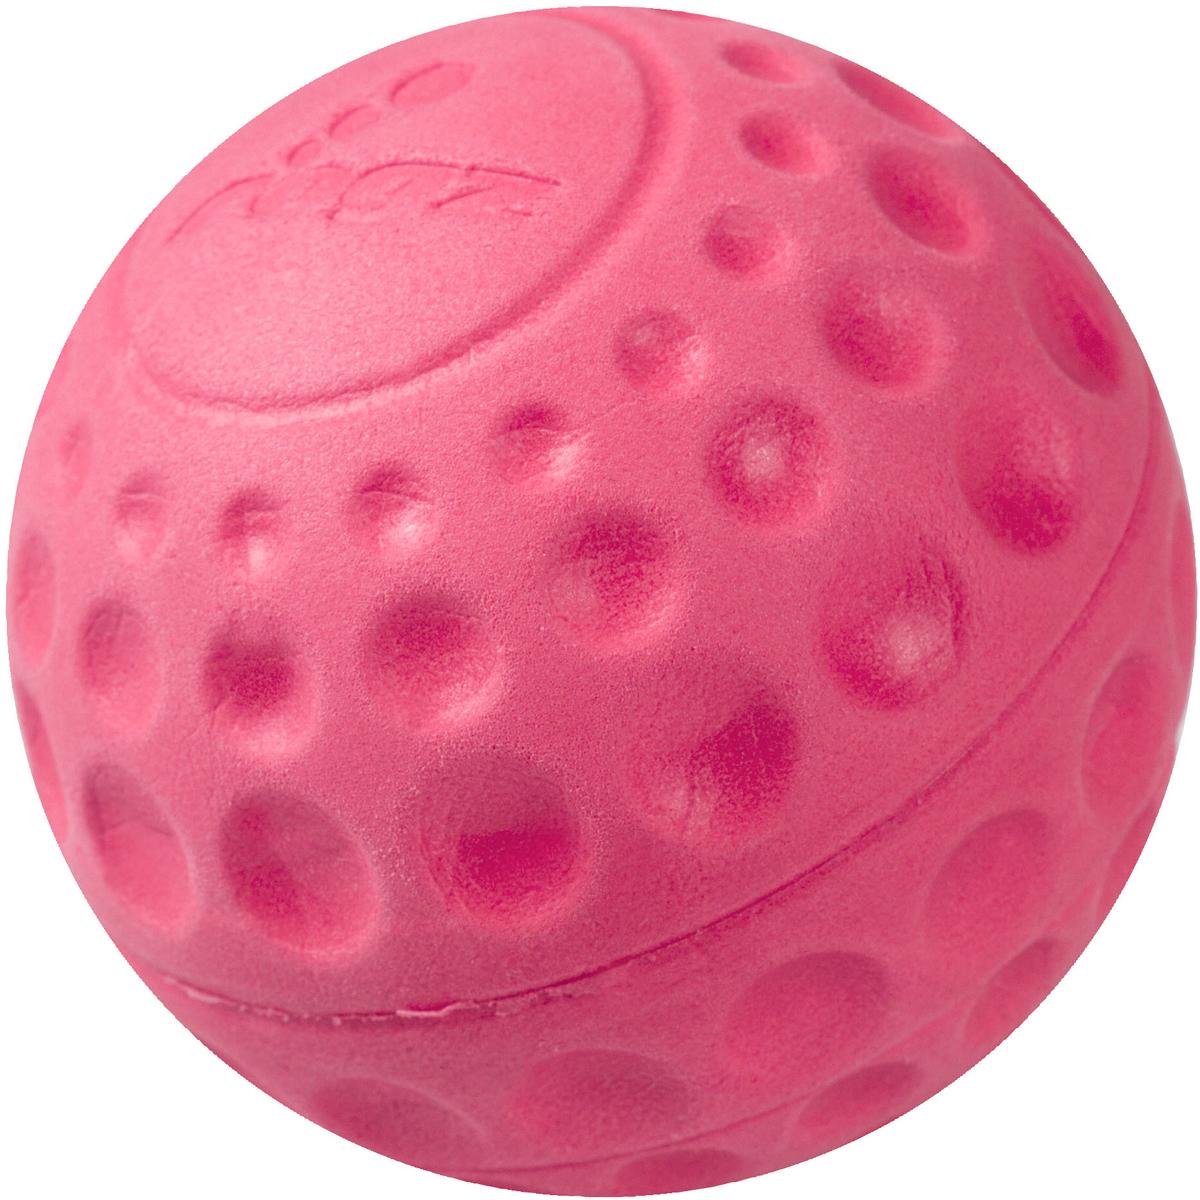 Игрушка для собак Rogz Asteroidz, цвет: розовый, диаметр 6,4 смAS02KМяч для собак Rogz Asteroidz предназначен для игры с хозяином Принеси.Мяч имеет небольшой вес, не травмирует десны, не повреждает зубы, удобно носить в пасти.Отличная упругость для подпрыгивания.Изготовлено из особого термоэластопласта Sebs, обеспечивающего великолепную плавучесть в воде, поэтому игрушка отлично подходит для игры в водоеме. Материал изделия: EVA (этиленвинилацетат) - легкий мелкопористый материал, похожий на застывшую пену.Не токсичен.